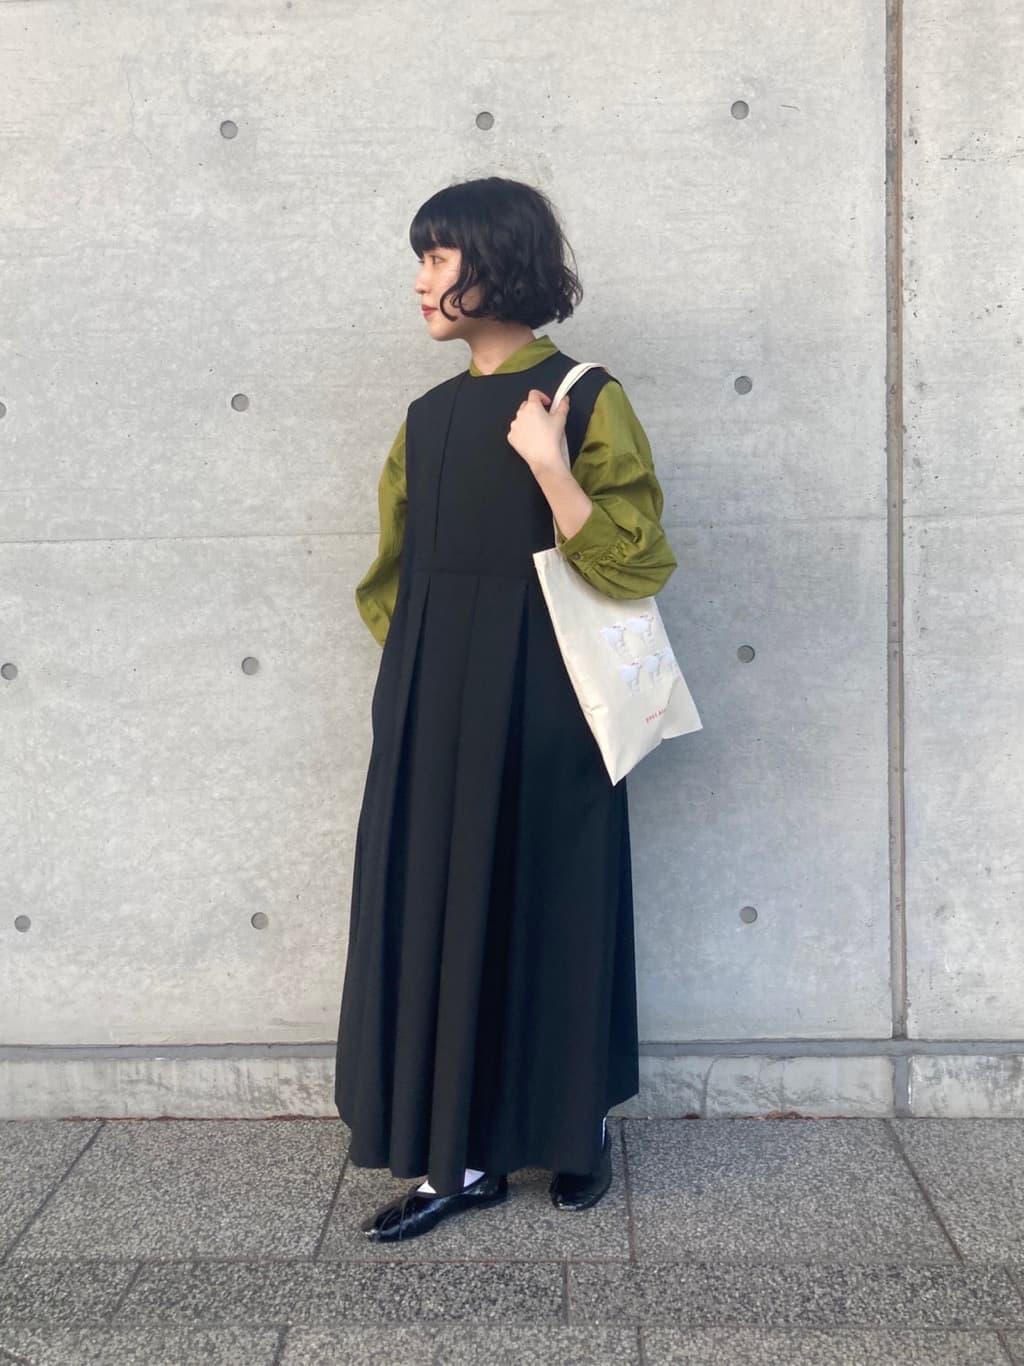 l'atelier du savon 東京スカイツリータウン・ソラマチ 身長:152cm 2021.08.24